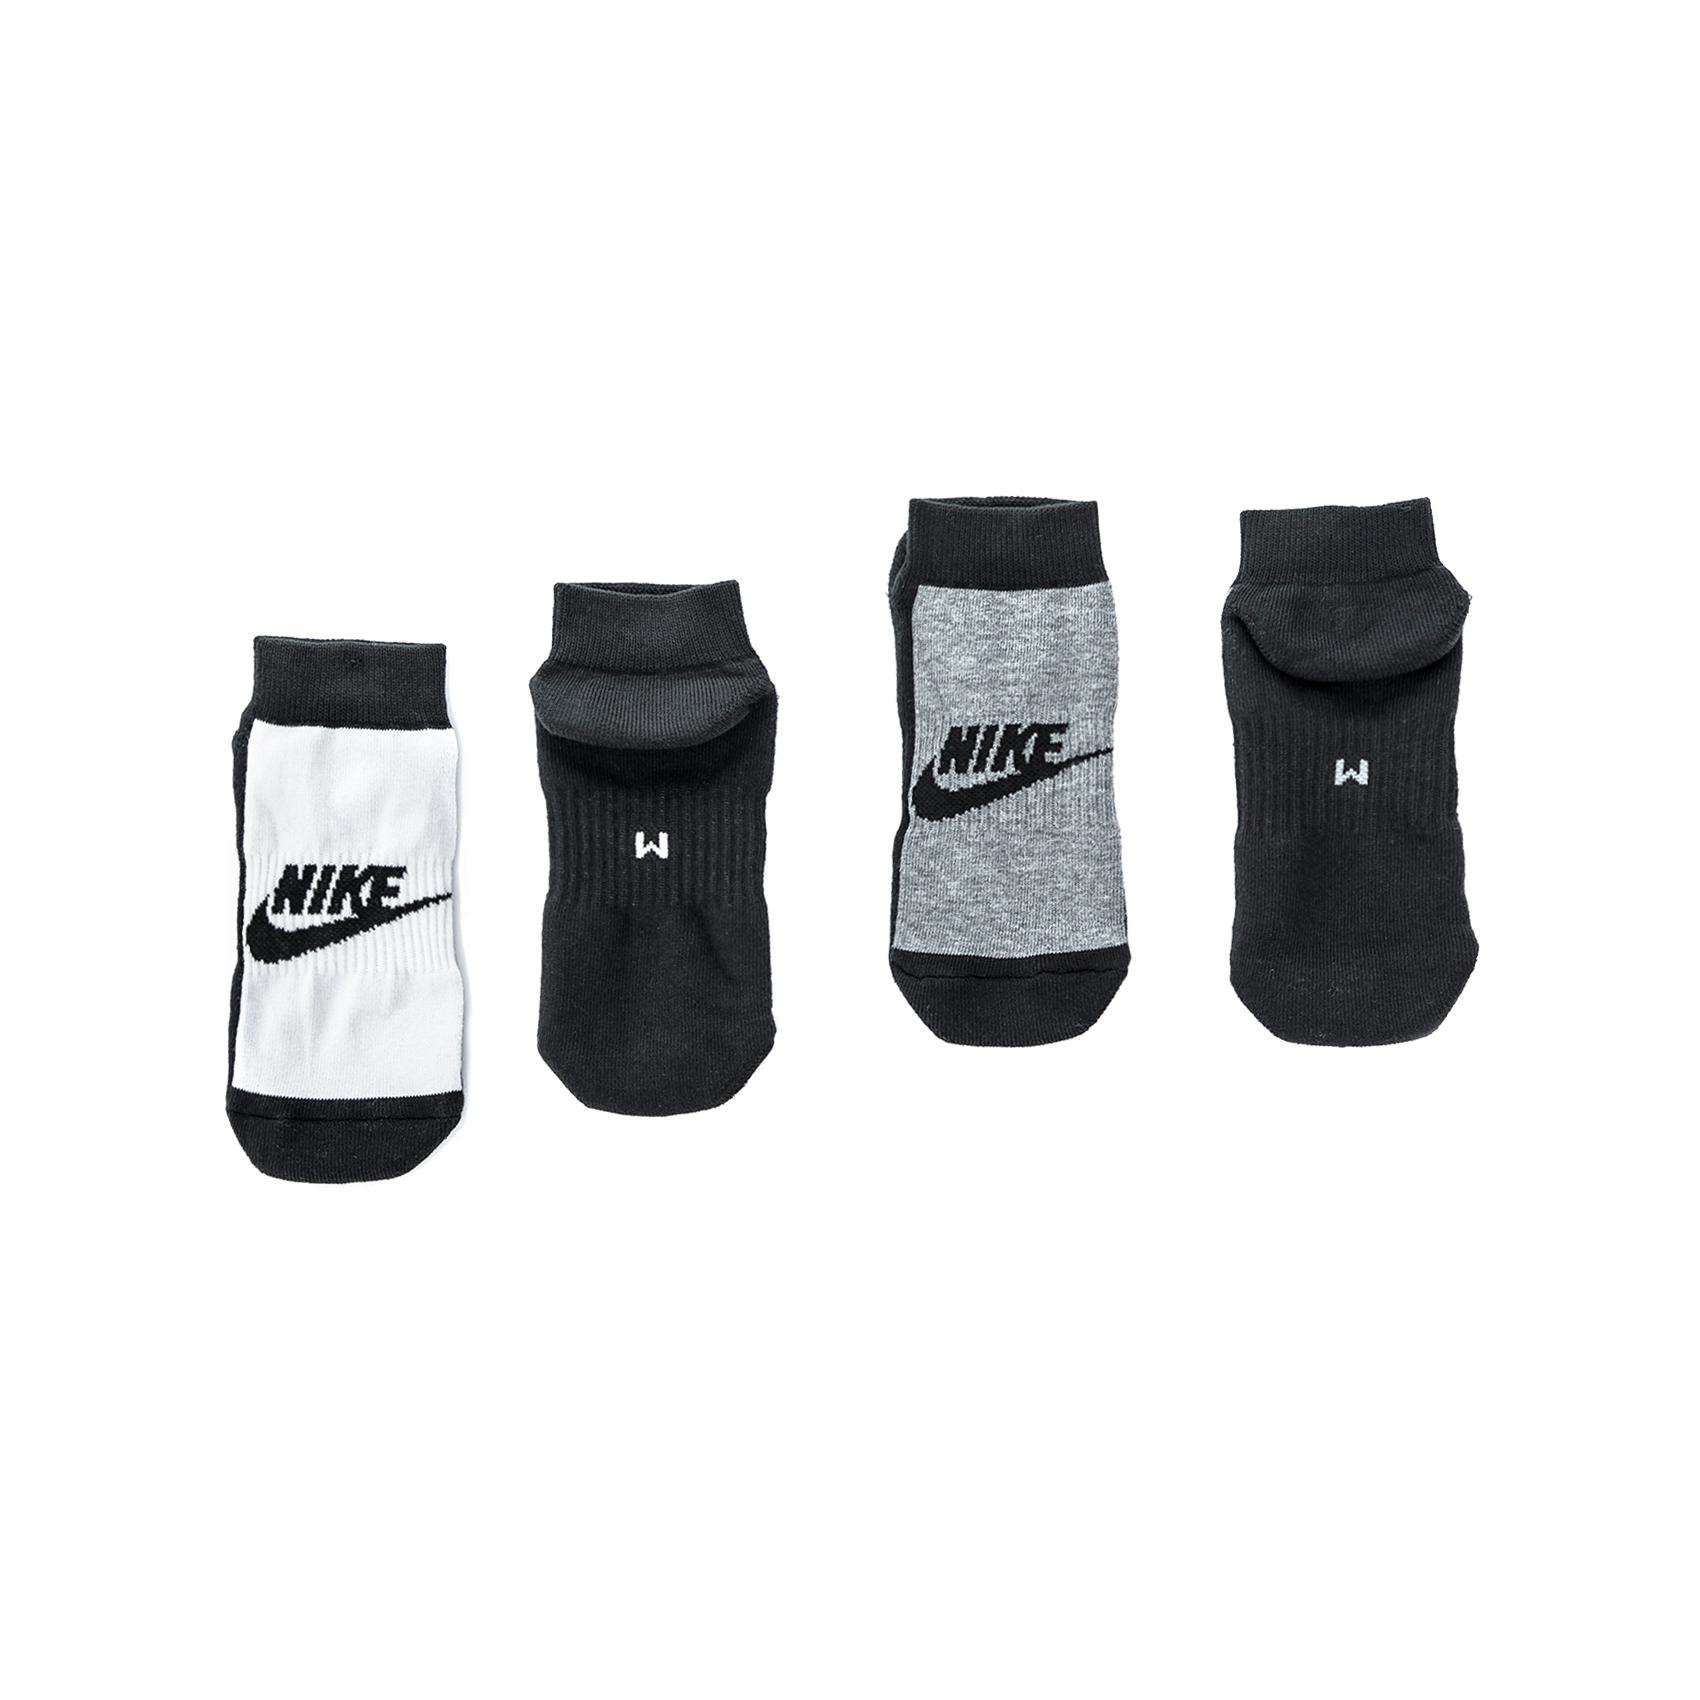 NIKE - Ανδρικό σετ κάλτσες NIKE γκρι- λευκές ανδρικά αξεσουάρ κάλτσες